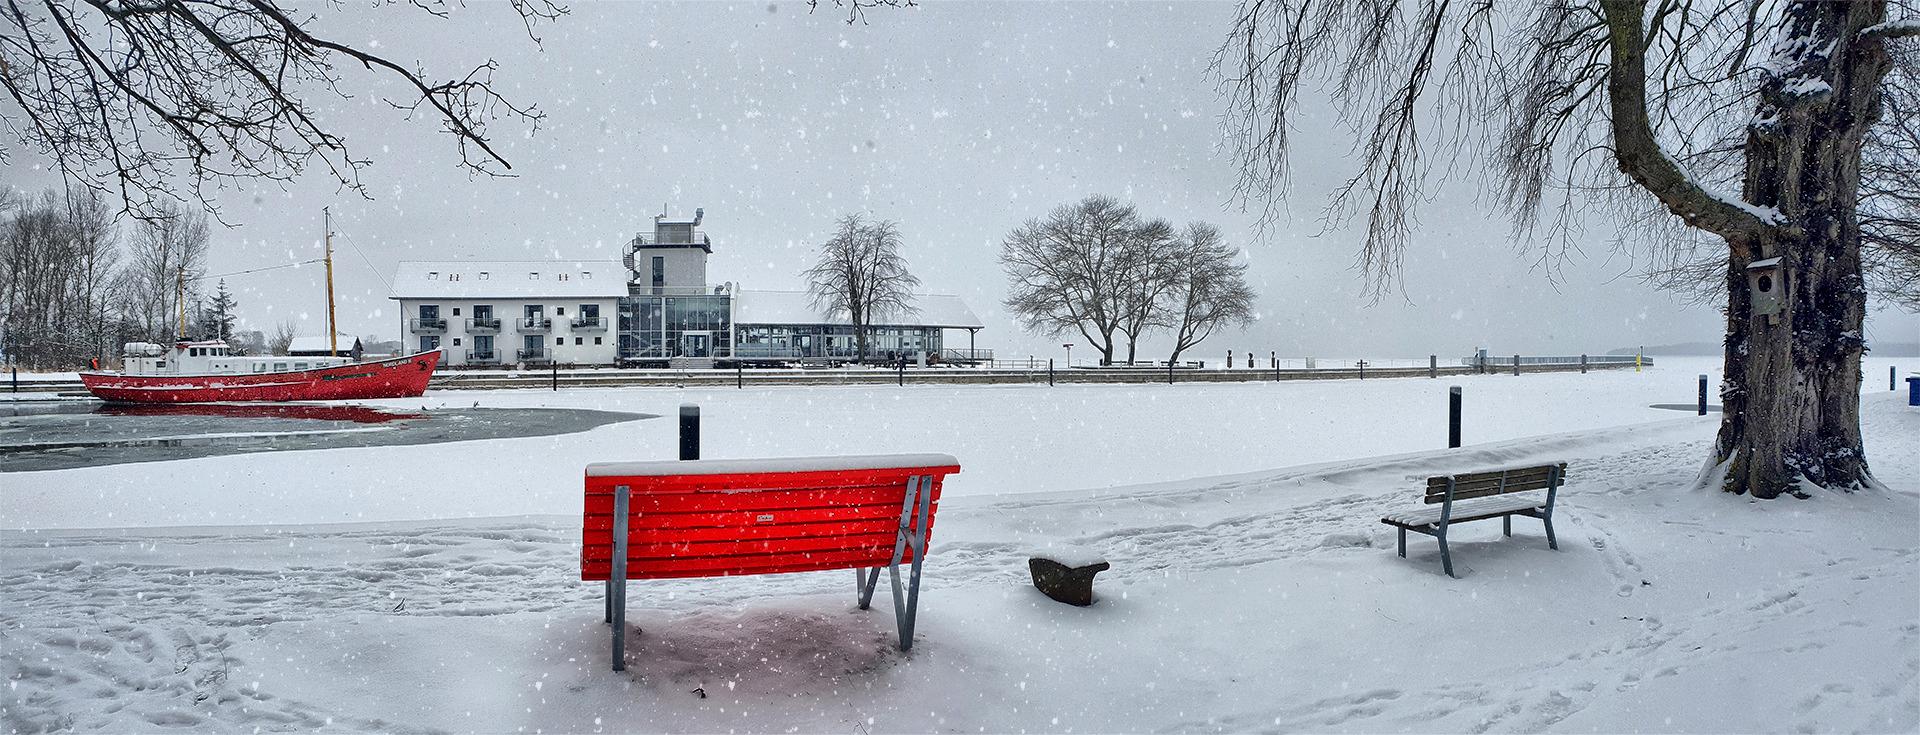 Greifswald-Wieck eingeschneit